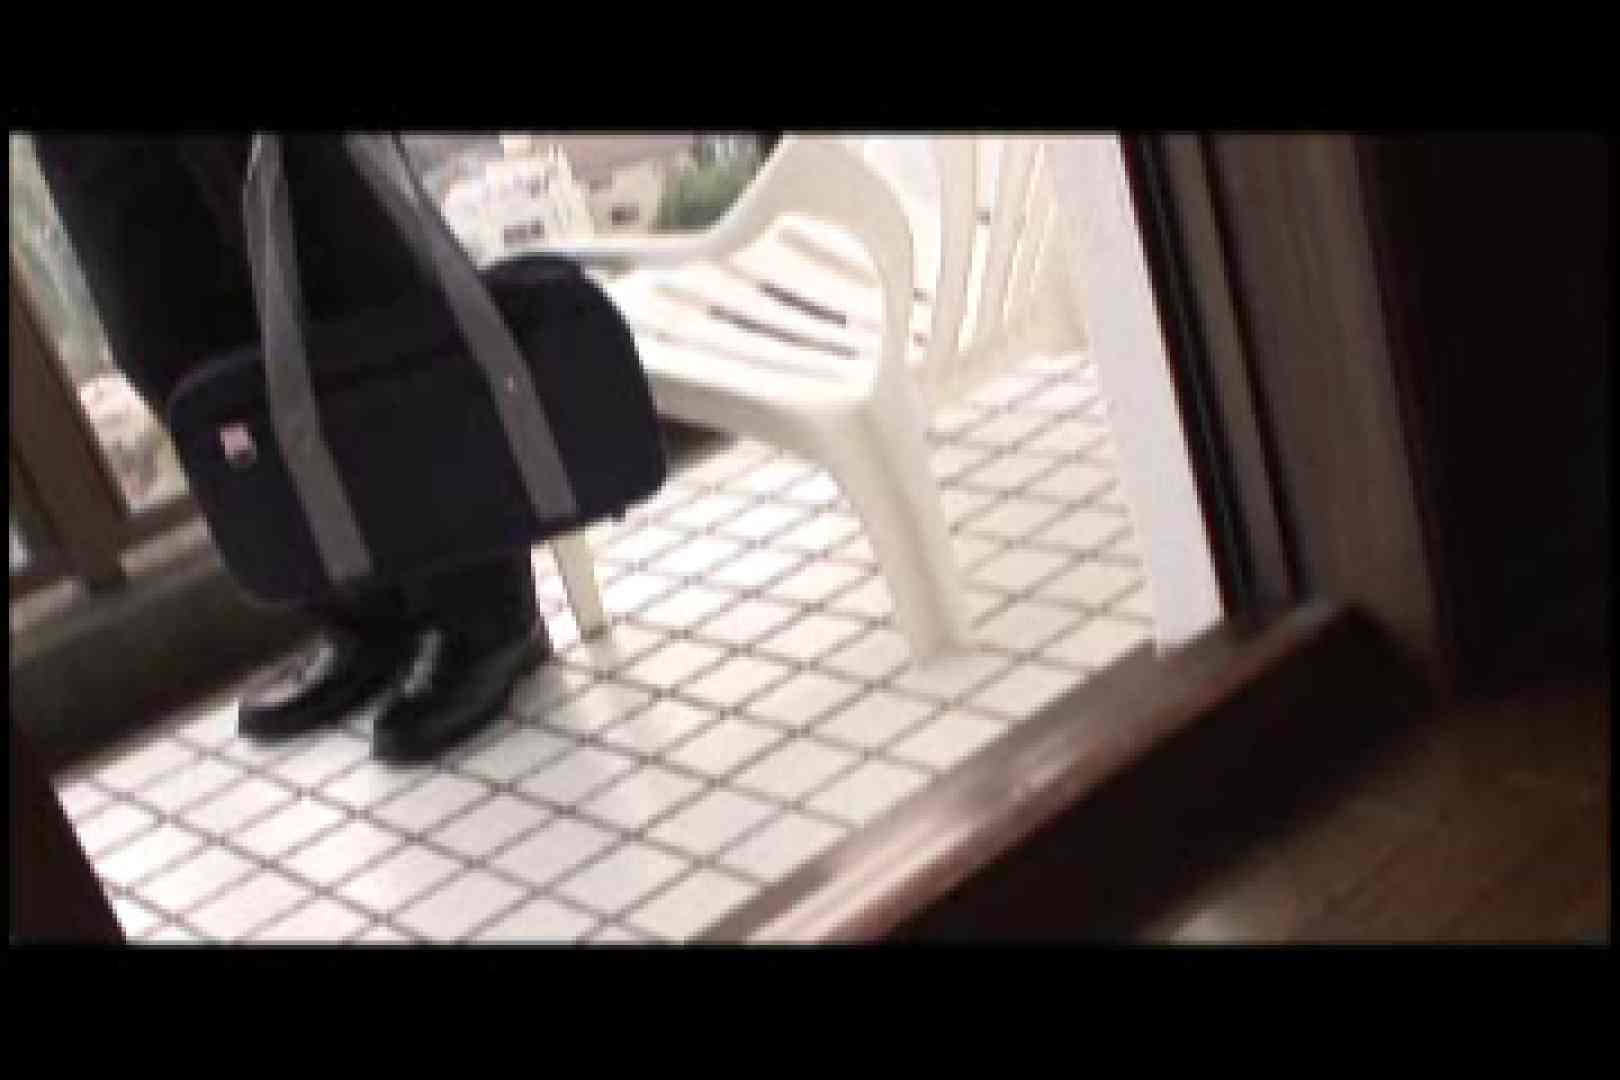 美男子コレクションvol3 縛・テクニック ゲイセックス画像 110枚 7